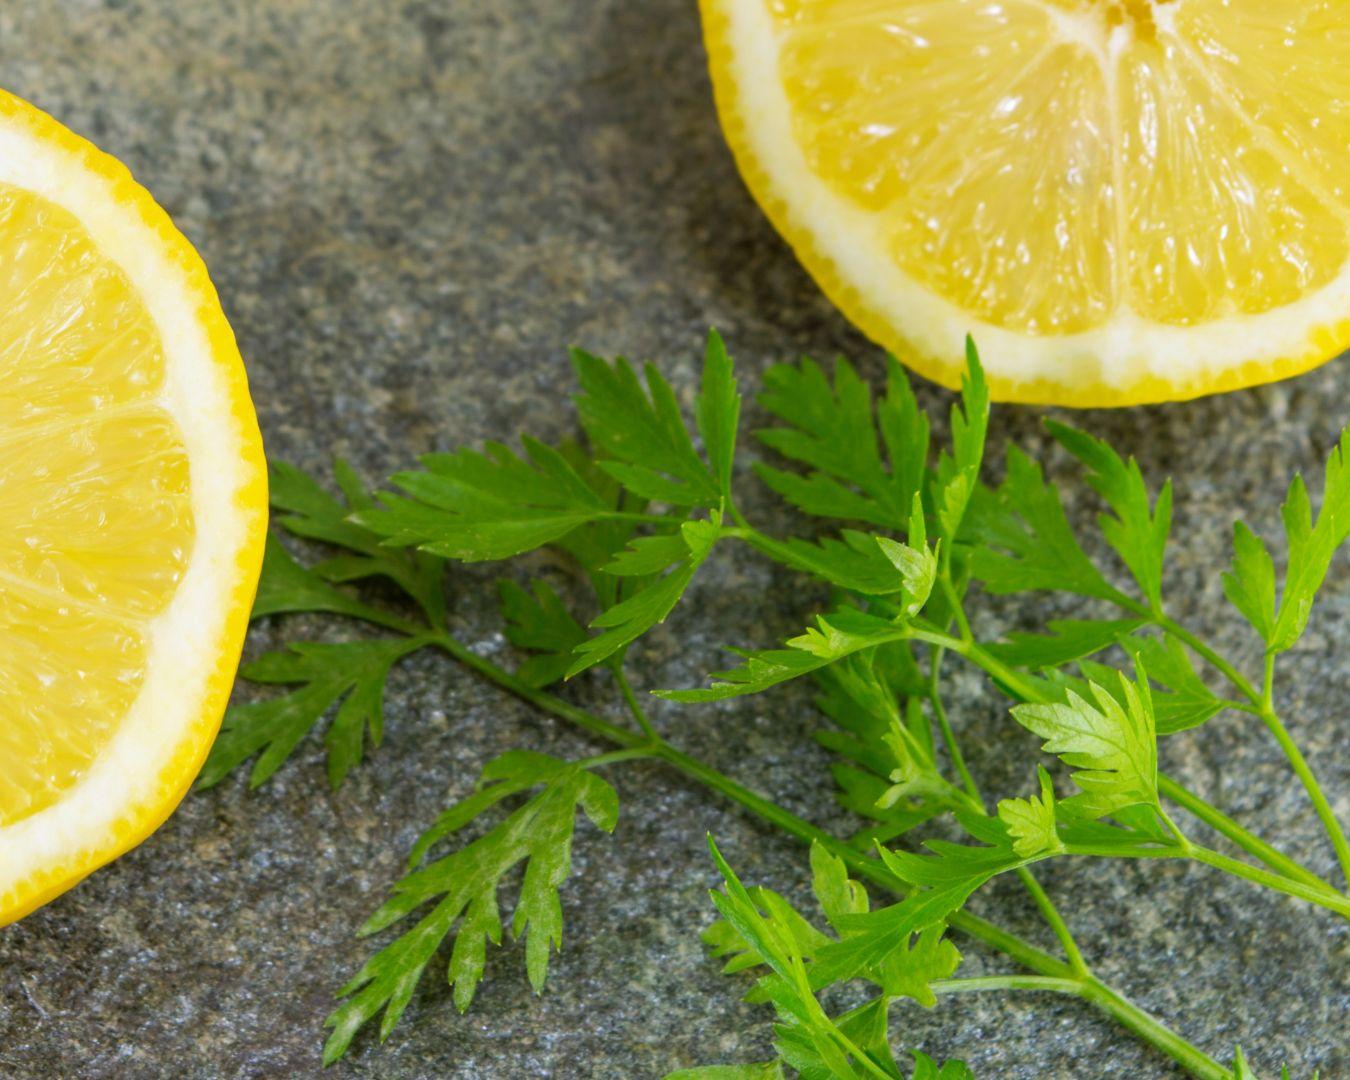 Servimos con limón al gusto